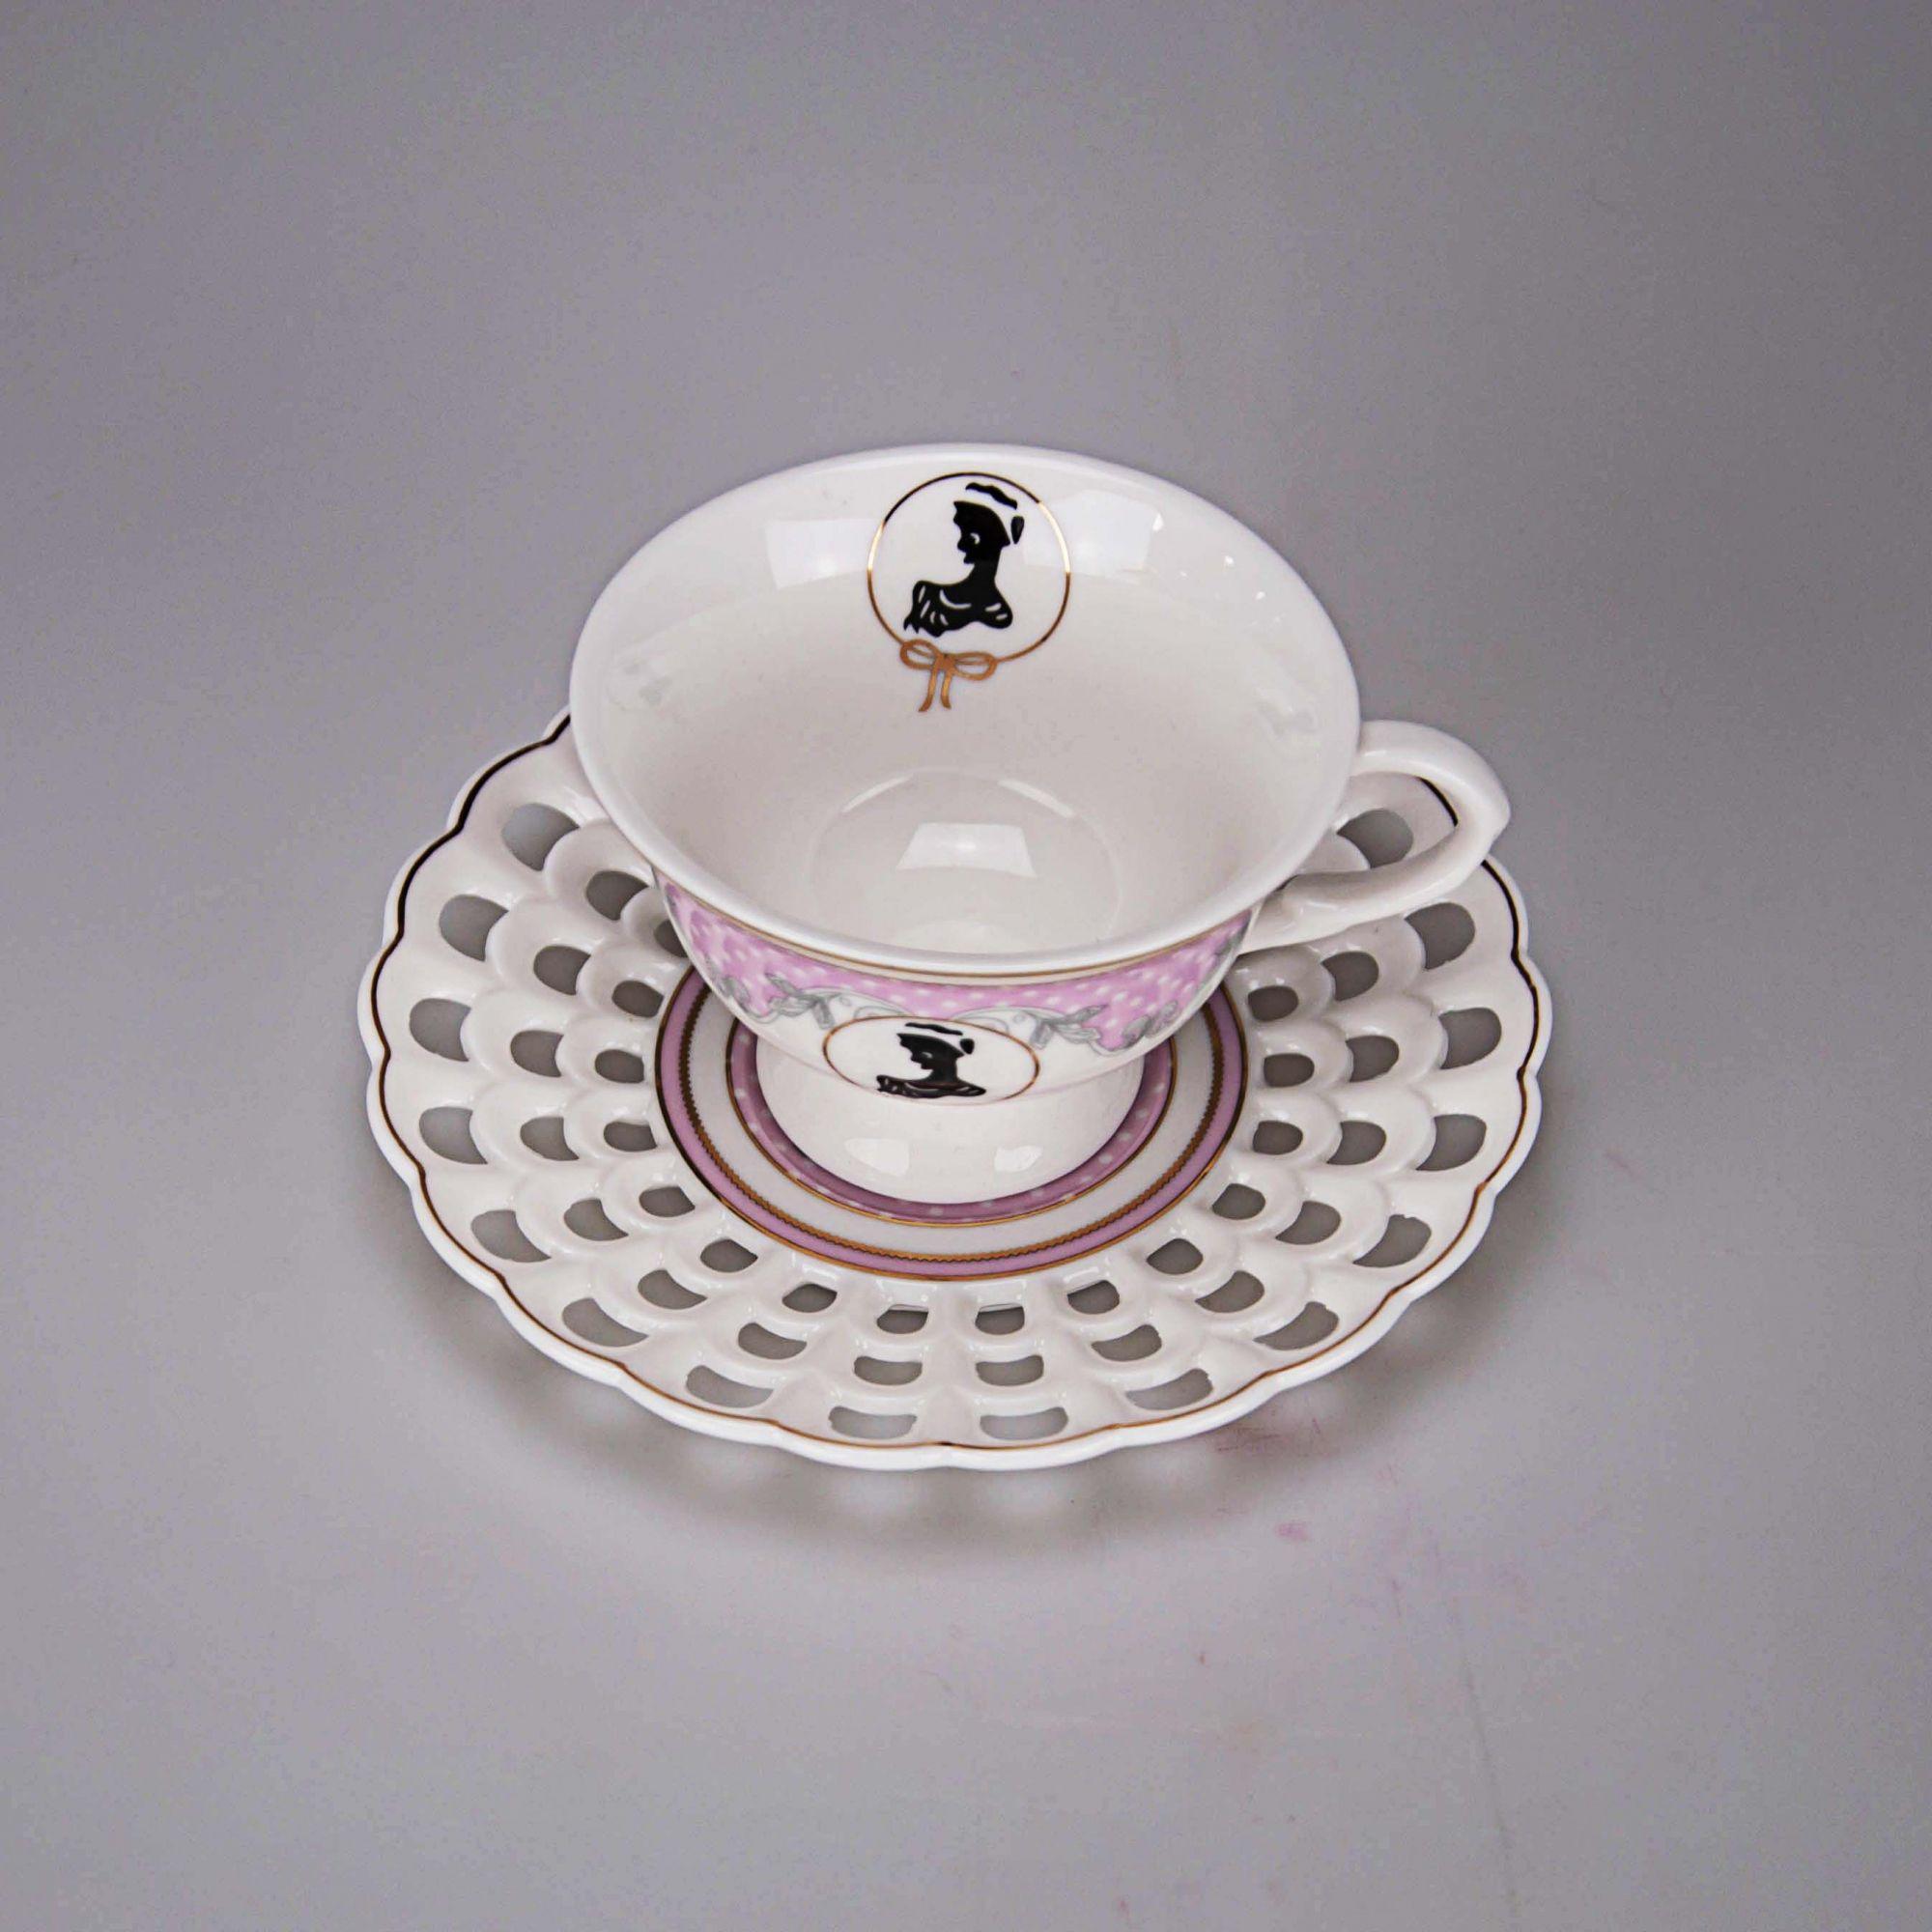 Jogo Chá 08 x 5,5 cm (12 peças)- Dispon. em 02 cores